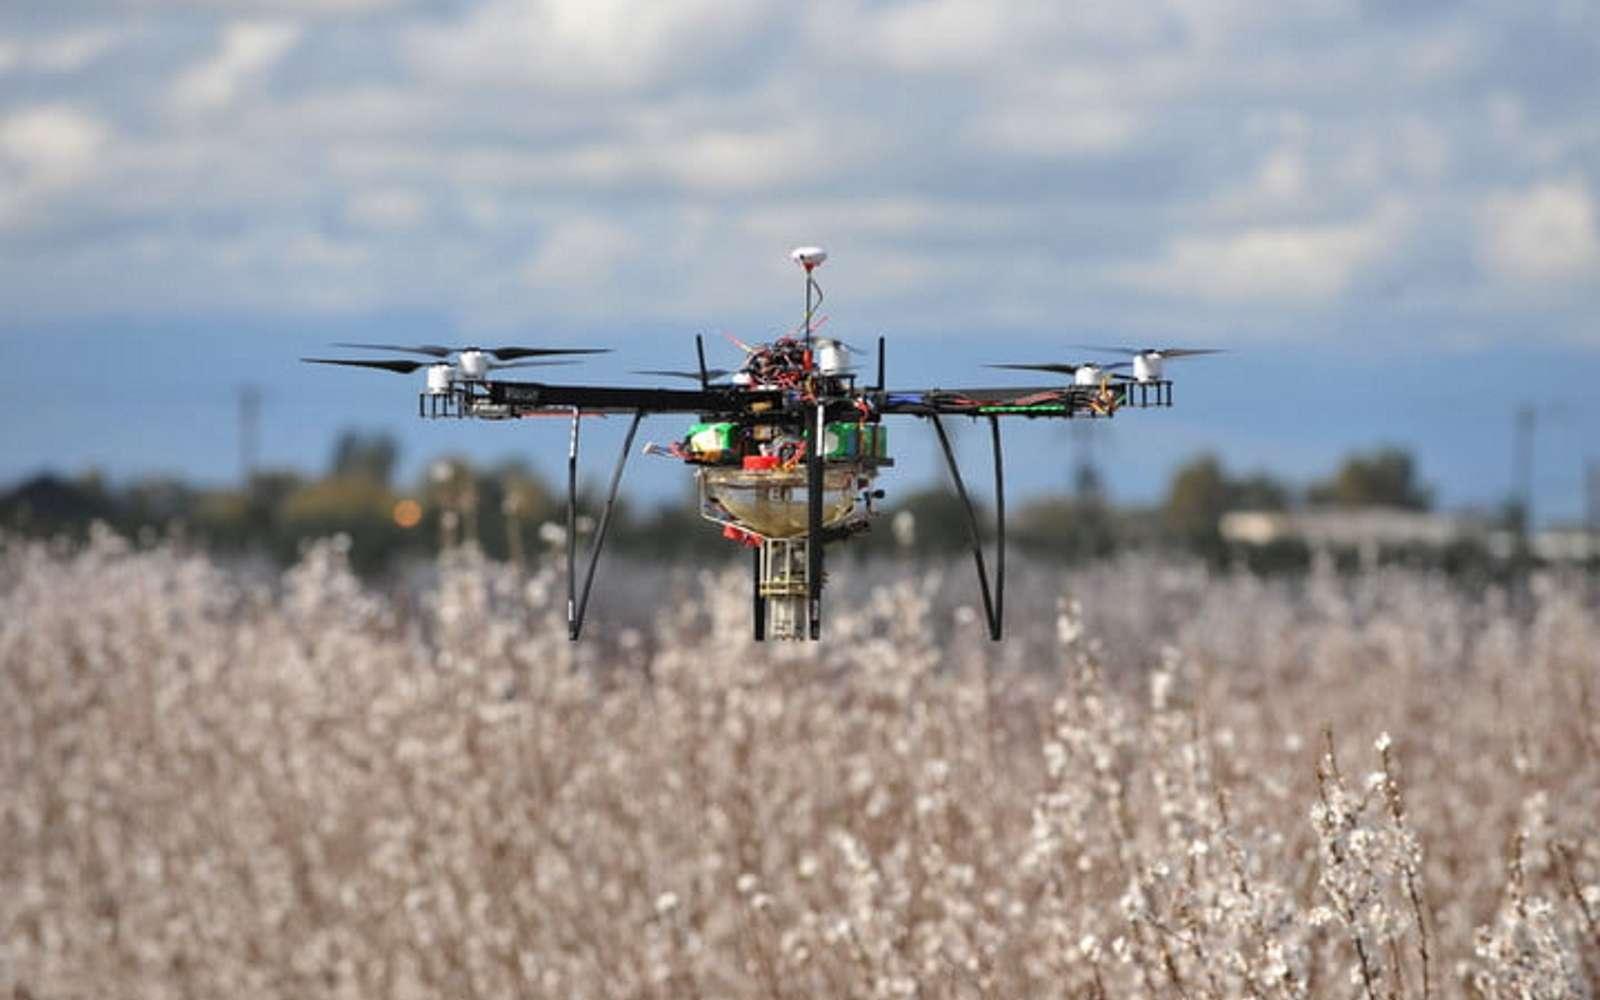 Le drone de Dronecopter peut polliniser jusqu'à 16 hectares en une heure. Sa vitesse est adaptée pour optimiser la pulvérisation du pollen. © Dronecopter